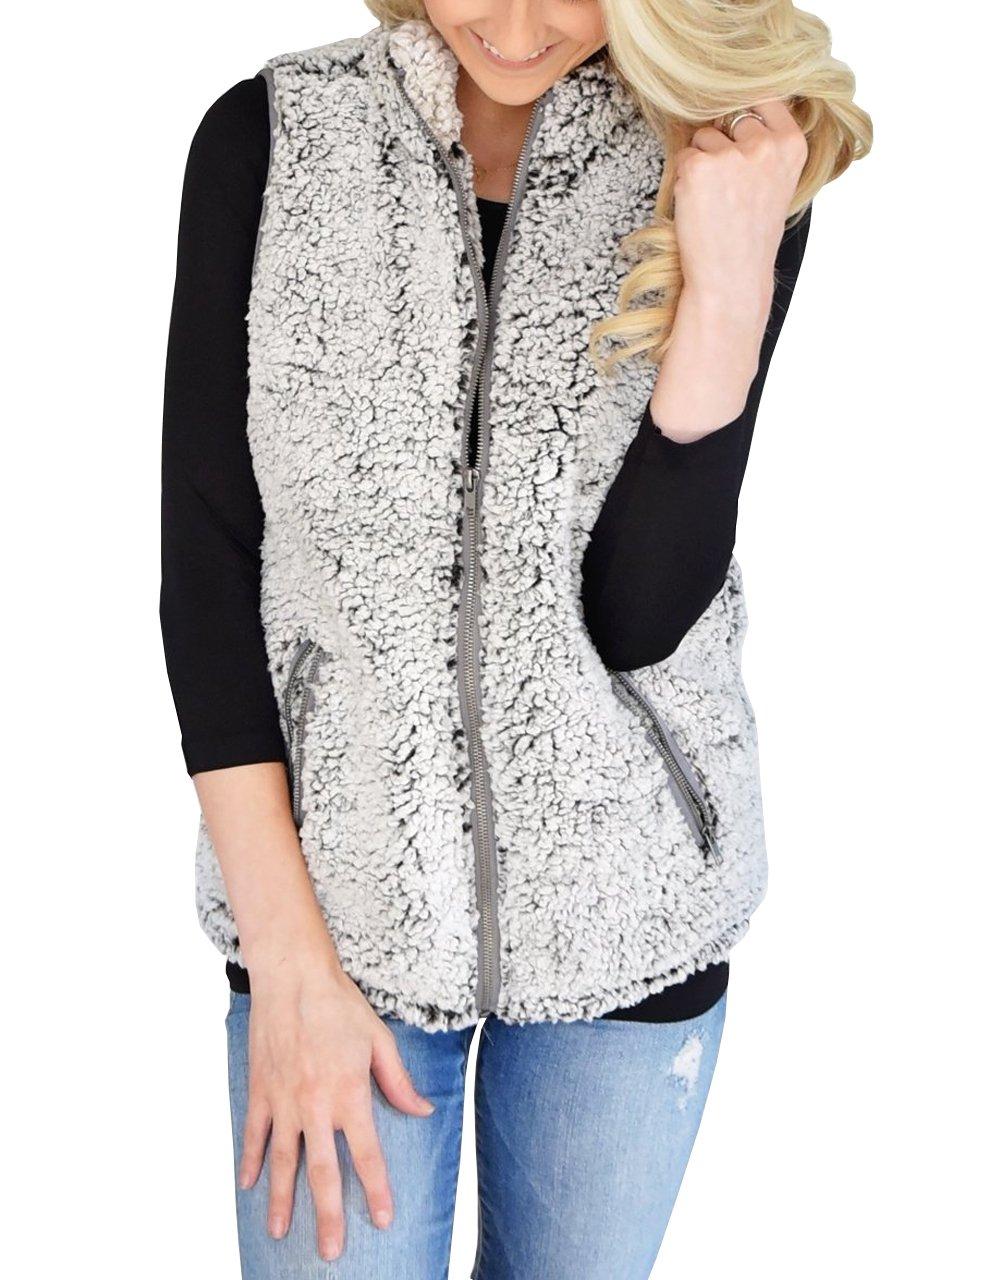 MEROKEETY Women's Casual Sherpa Fleece Lightweight Fall Warm Zipper Vest Pockets by MEROKEETY (Image #1)